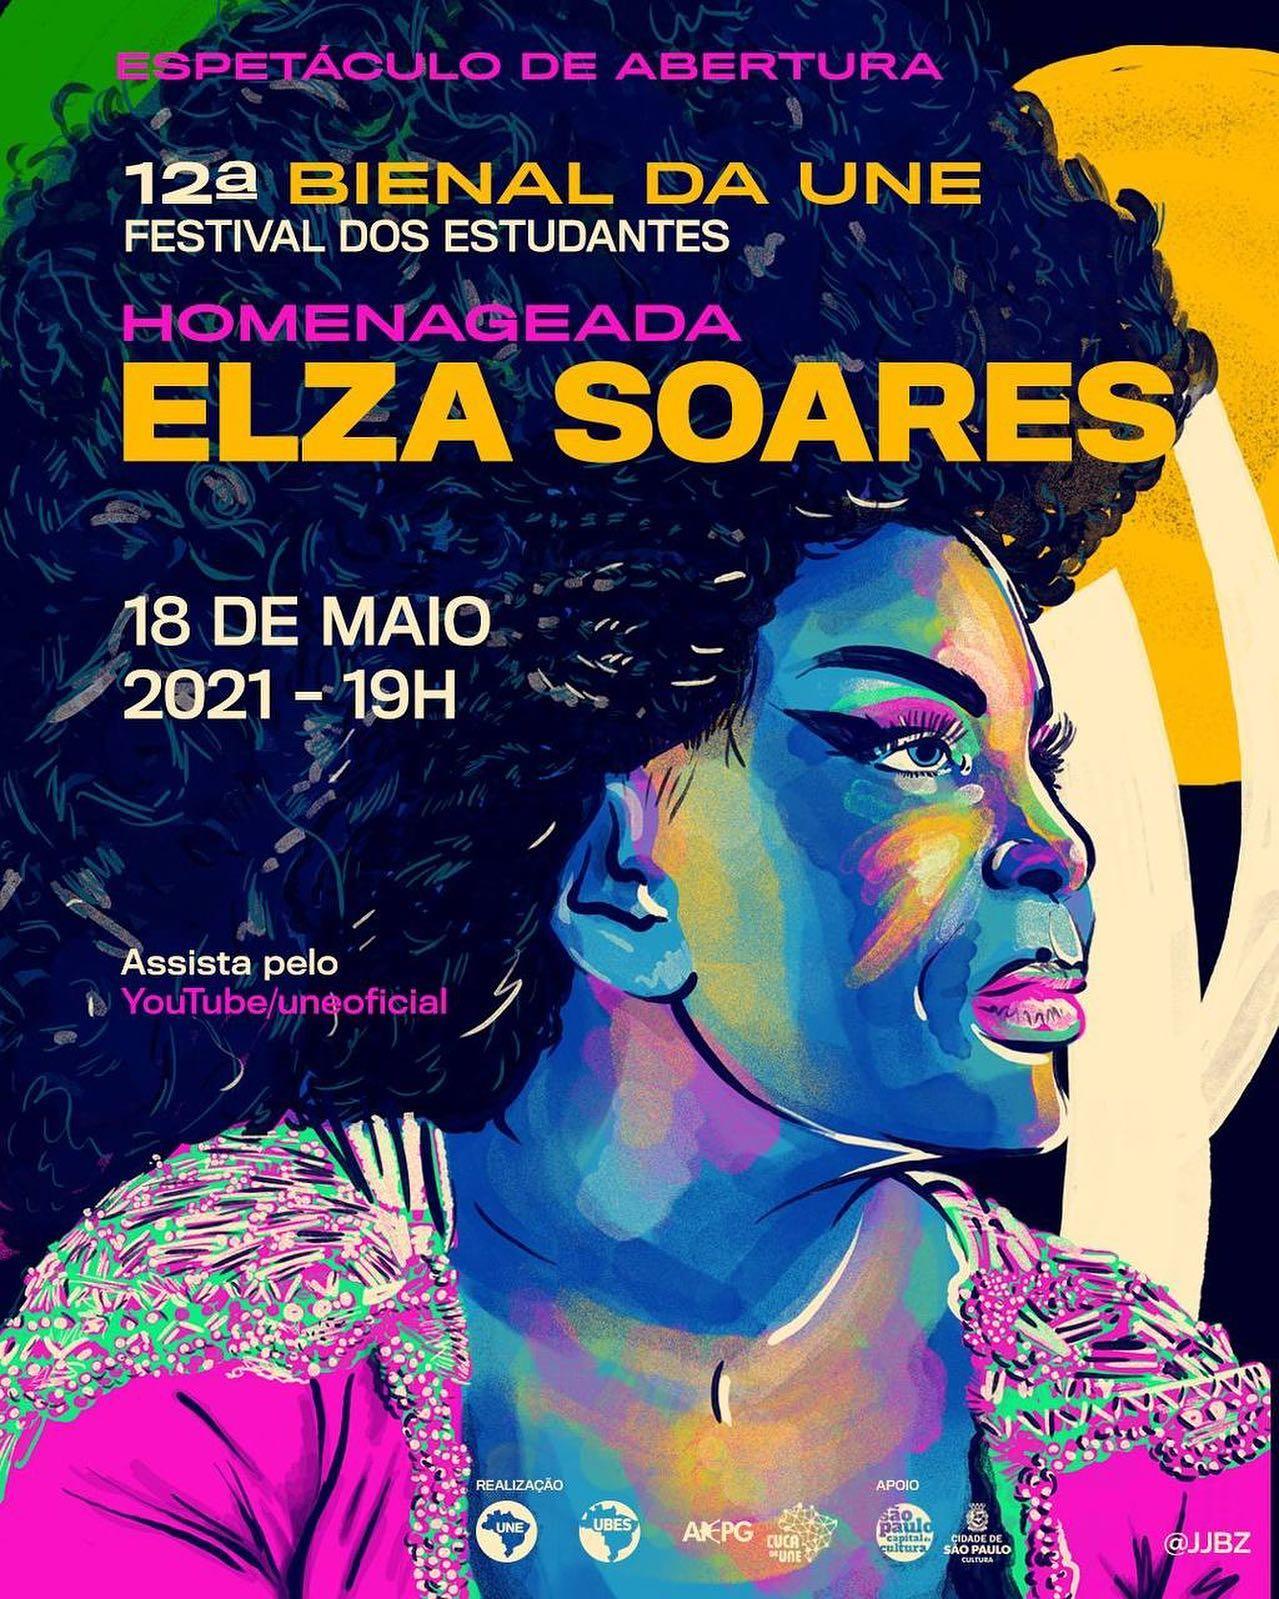 Cartaz da abertura da 12ª Bienal, com Elza Soares como homenageada.